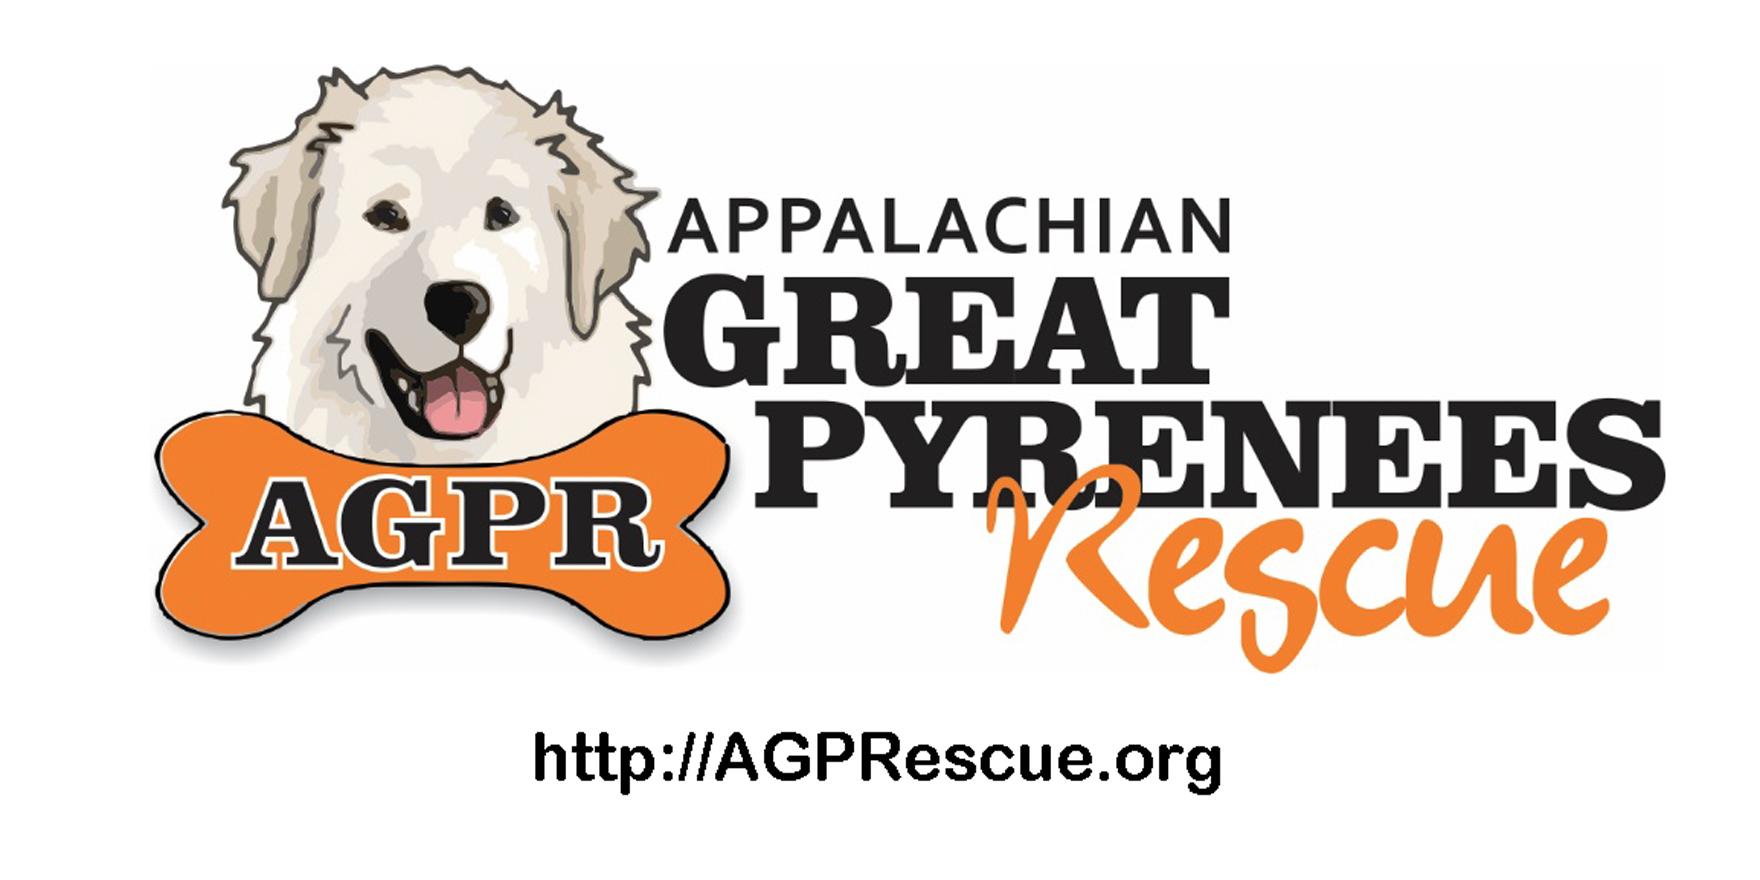 Small Rescue Dogs Richmond Va